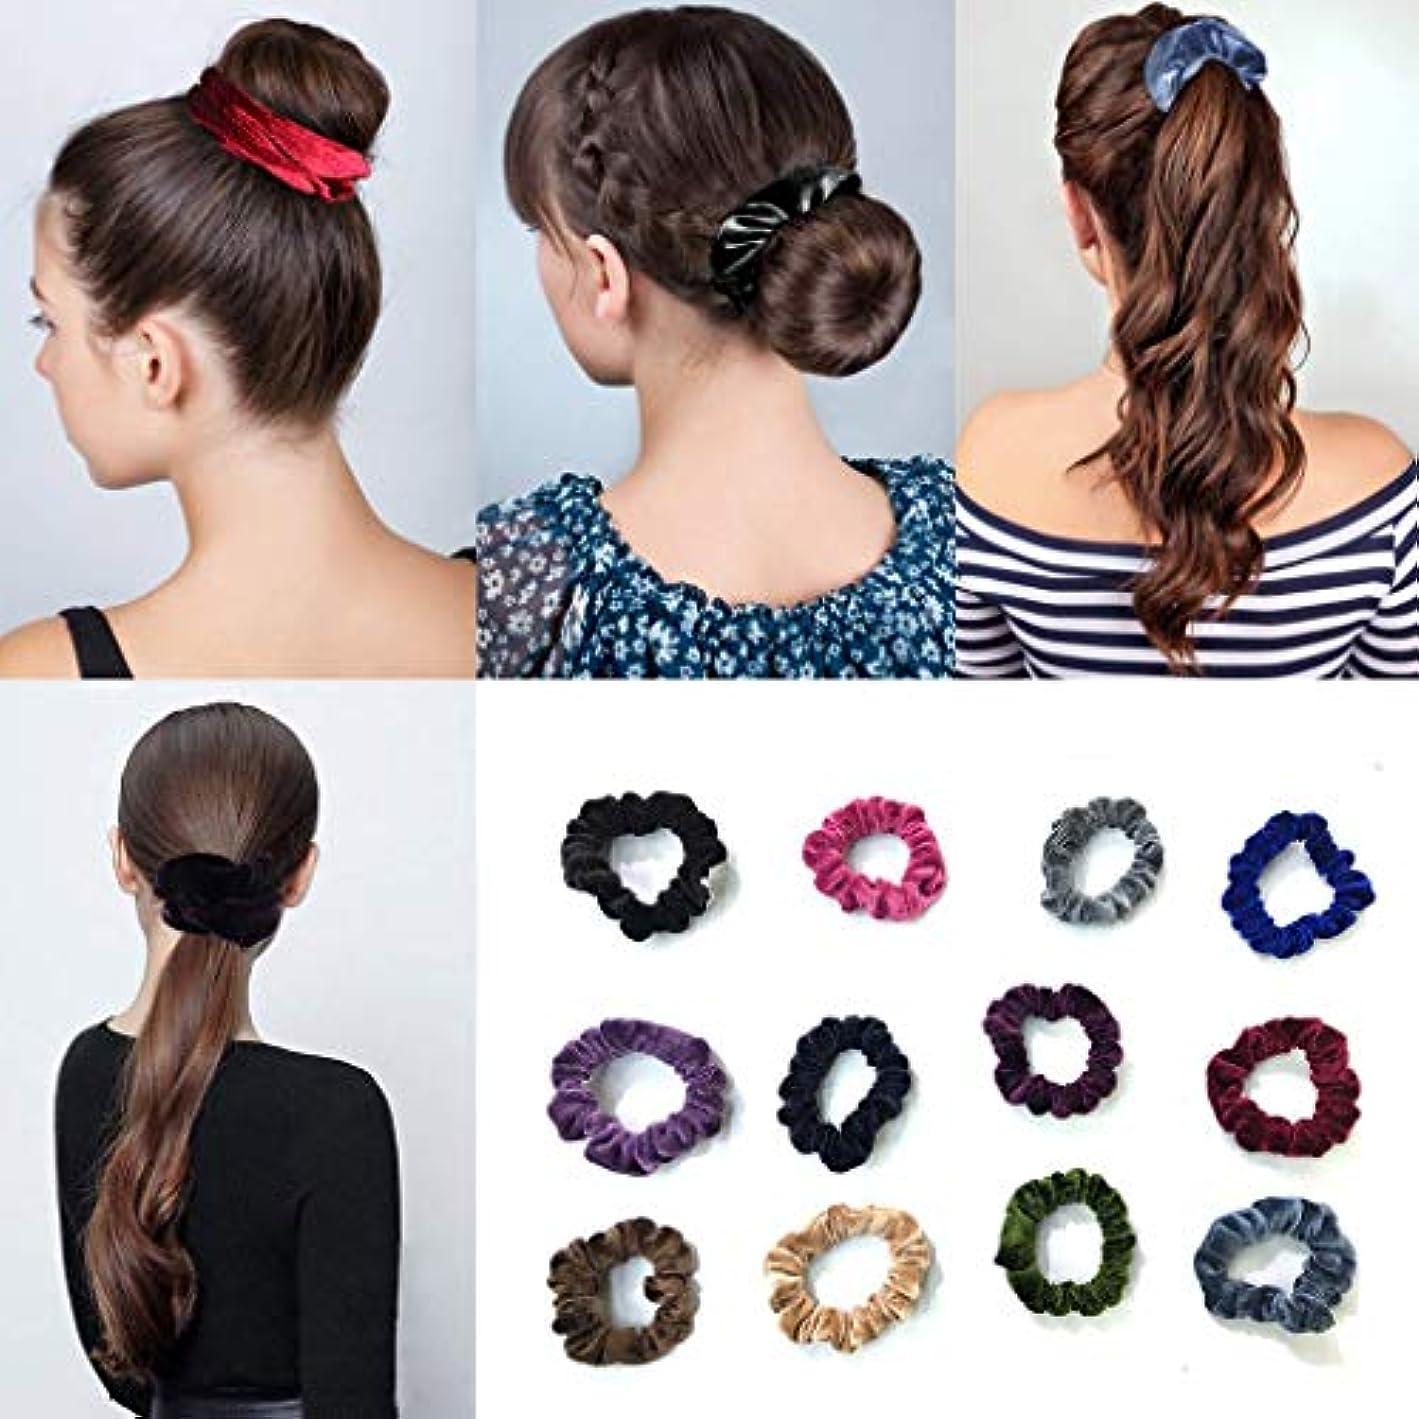 フォーク米ドルダウンタウン12色レトロベルベットヘッドロープ 女性用または女の子用のヘアアクセサリー用のビロードの弾性ヘッドバンド (多色)